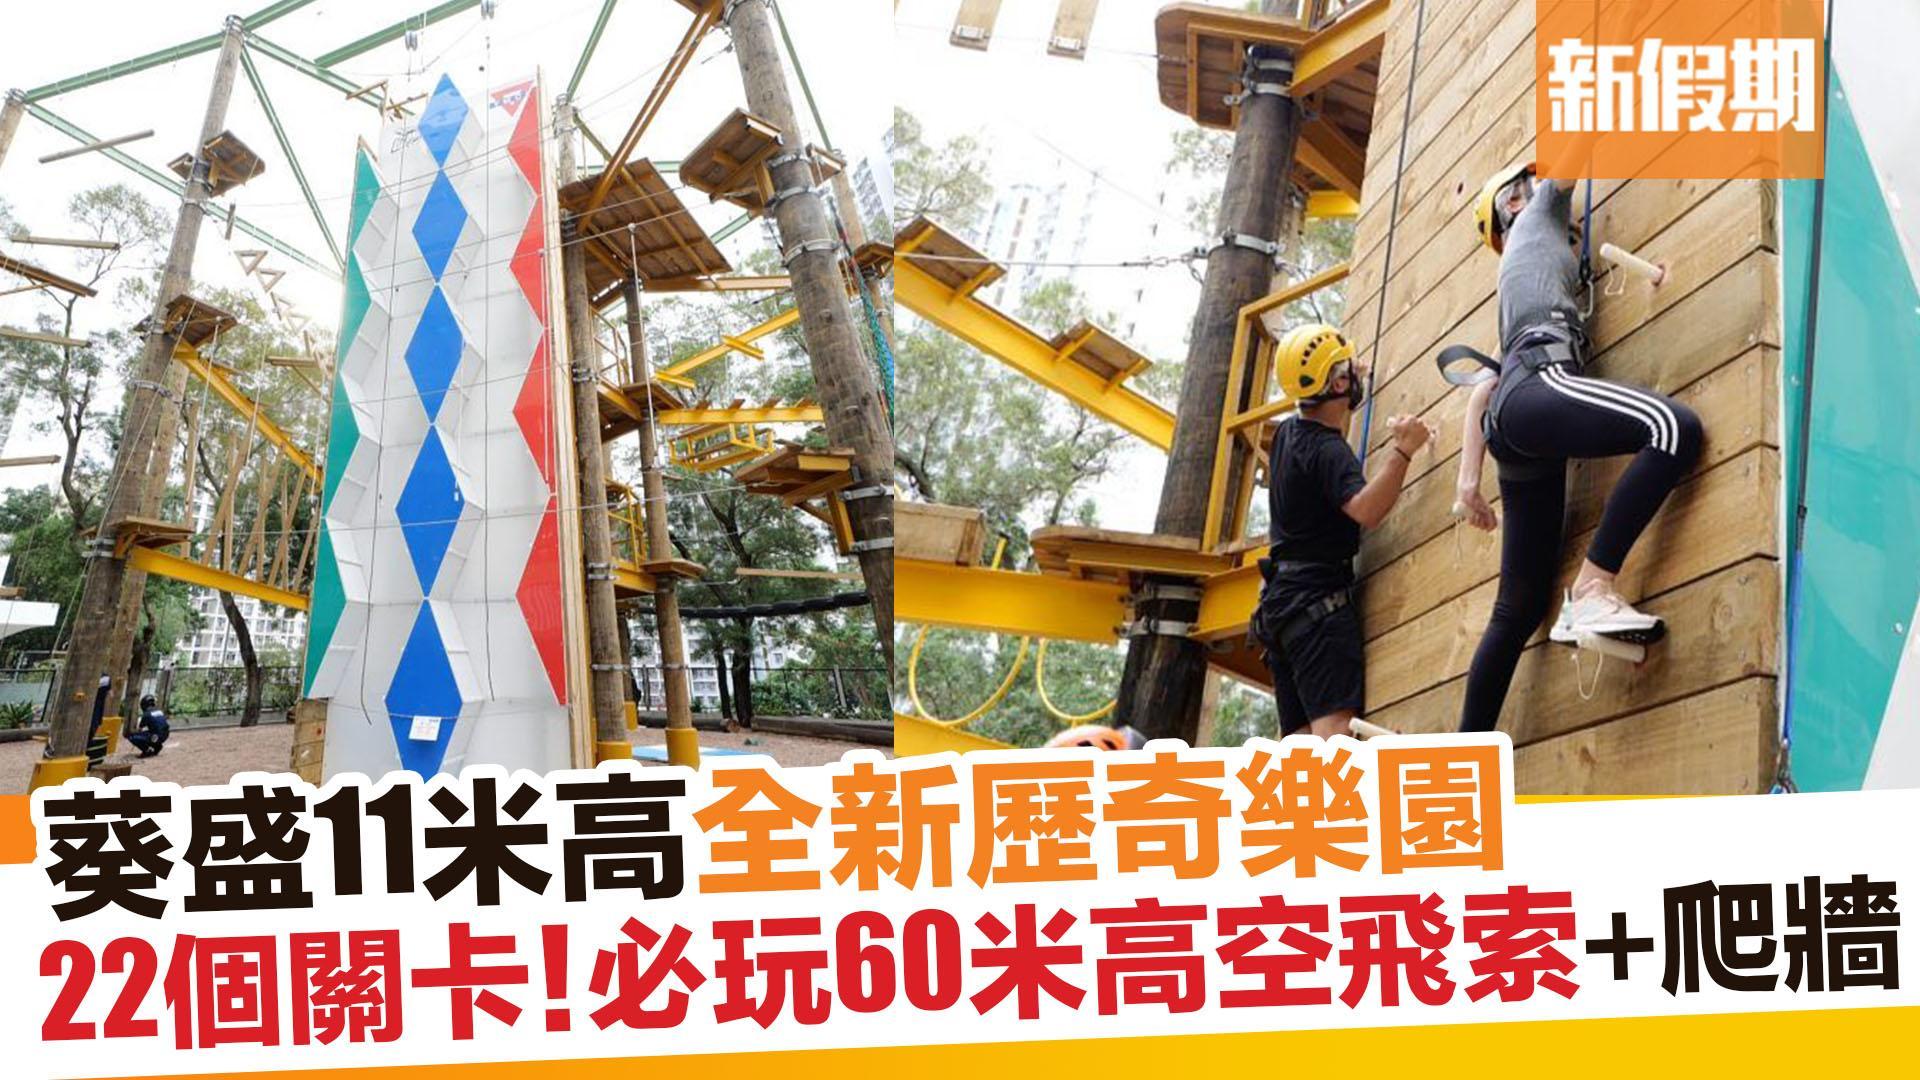 【香港好去處】葵盛YMCA全新11米高歷奇樂園 22個刺激關卡!必玩60米空中飛索 新假期